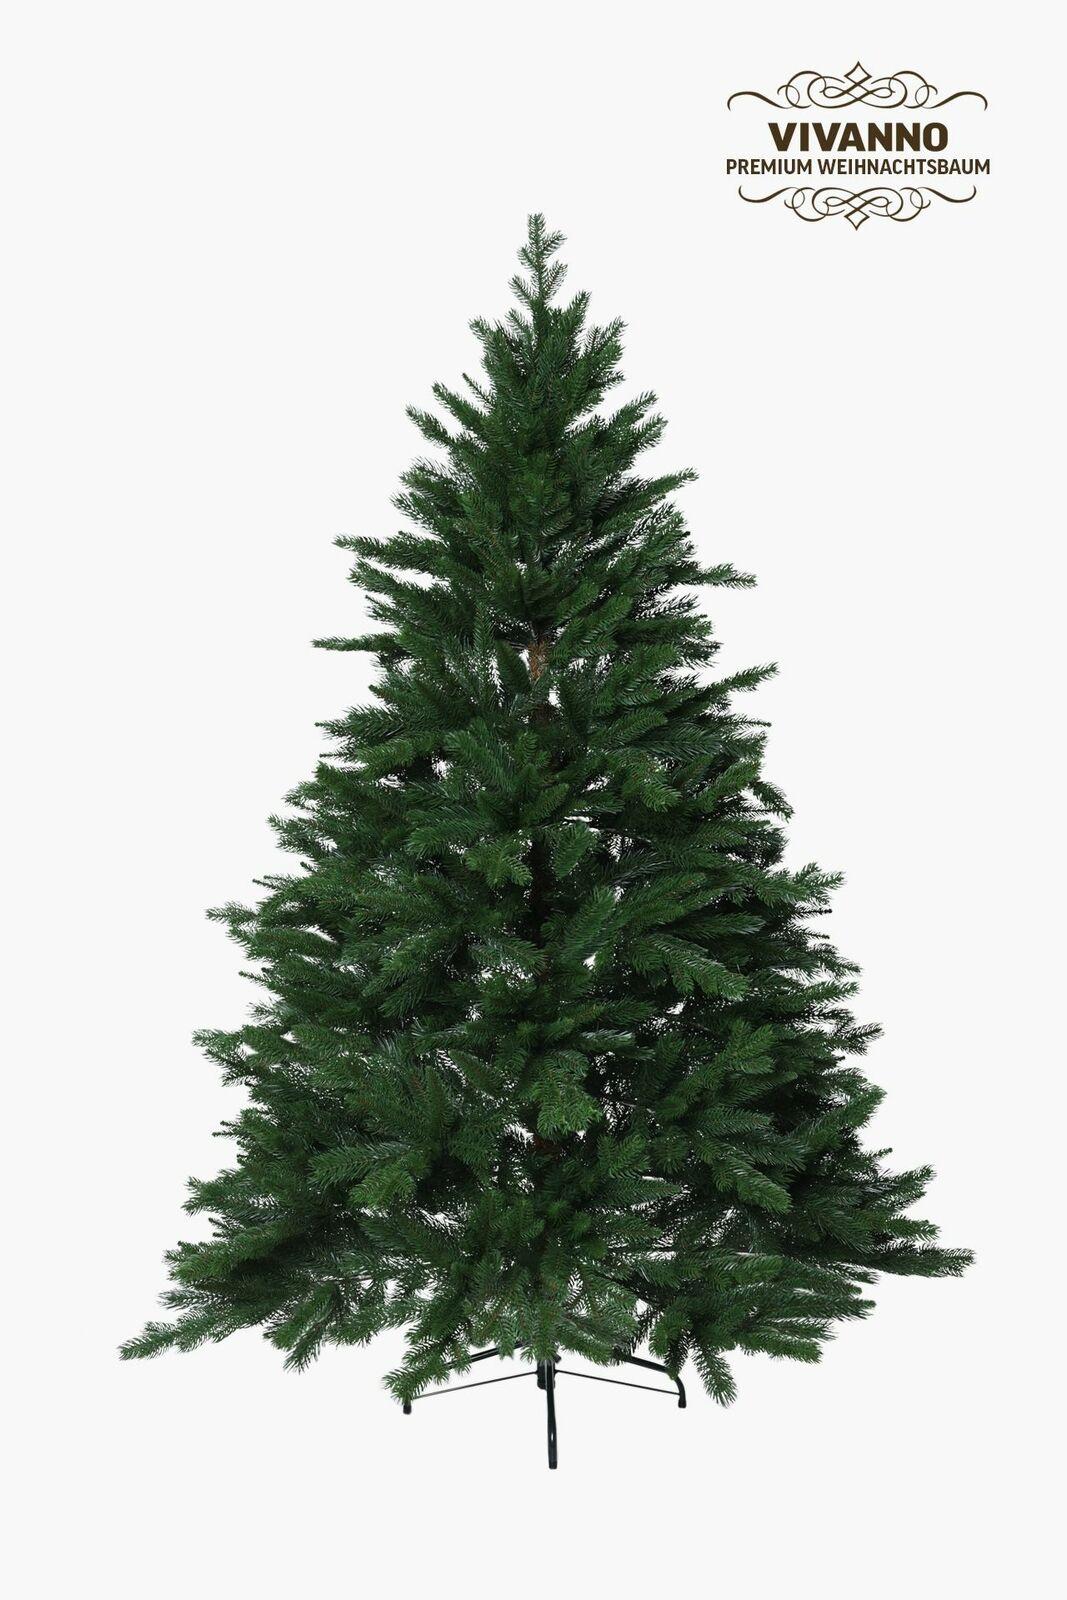 VIVANNO Künstlicher Weihnachtsbaum Tannenbaum Premium Nordmanntanne, 180 cm hoch